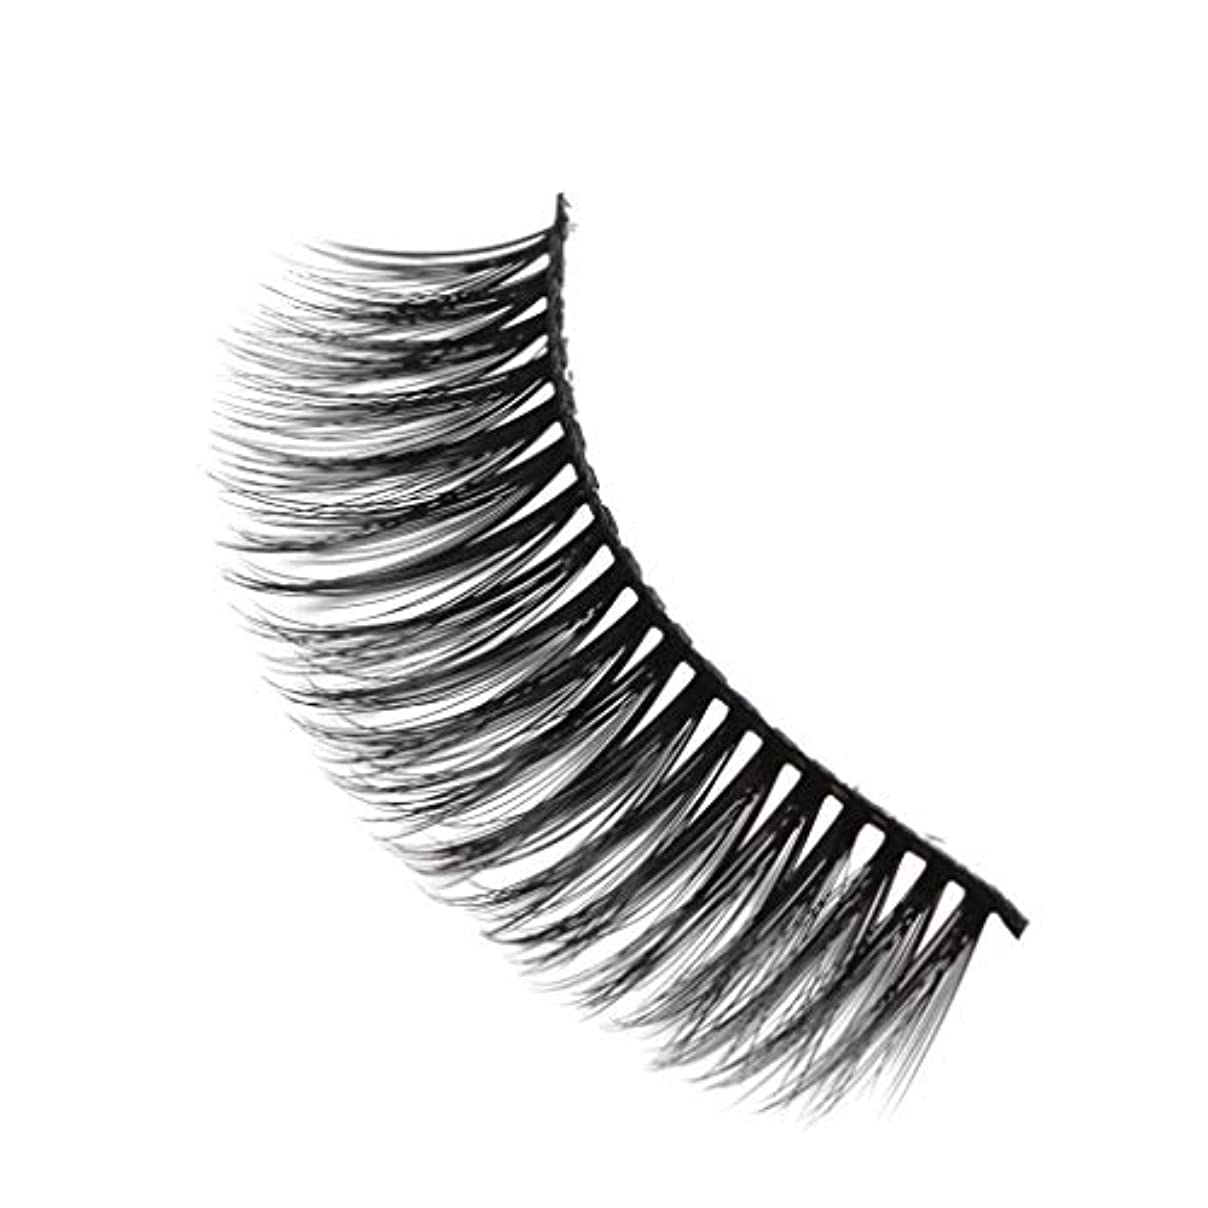 貢献する配管ビート柔らかい長い巻き毛と歪んだ多くの層まつげと3Dミンクの毛皮の10ペア